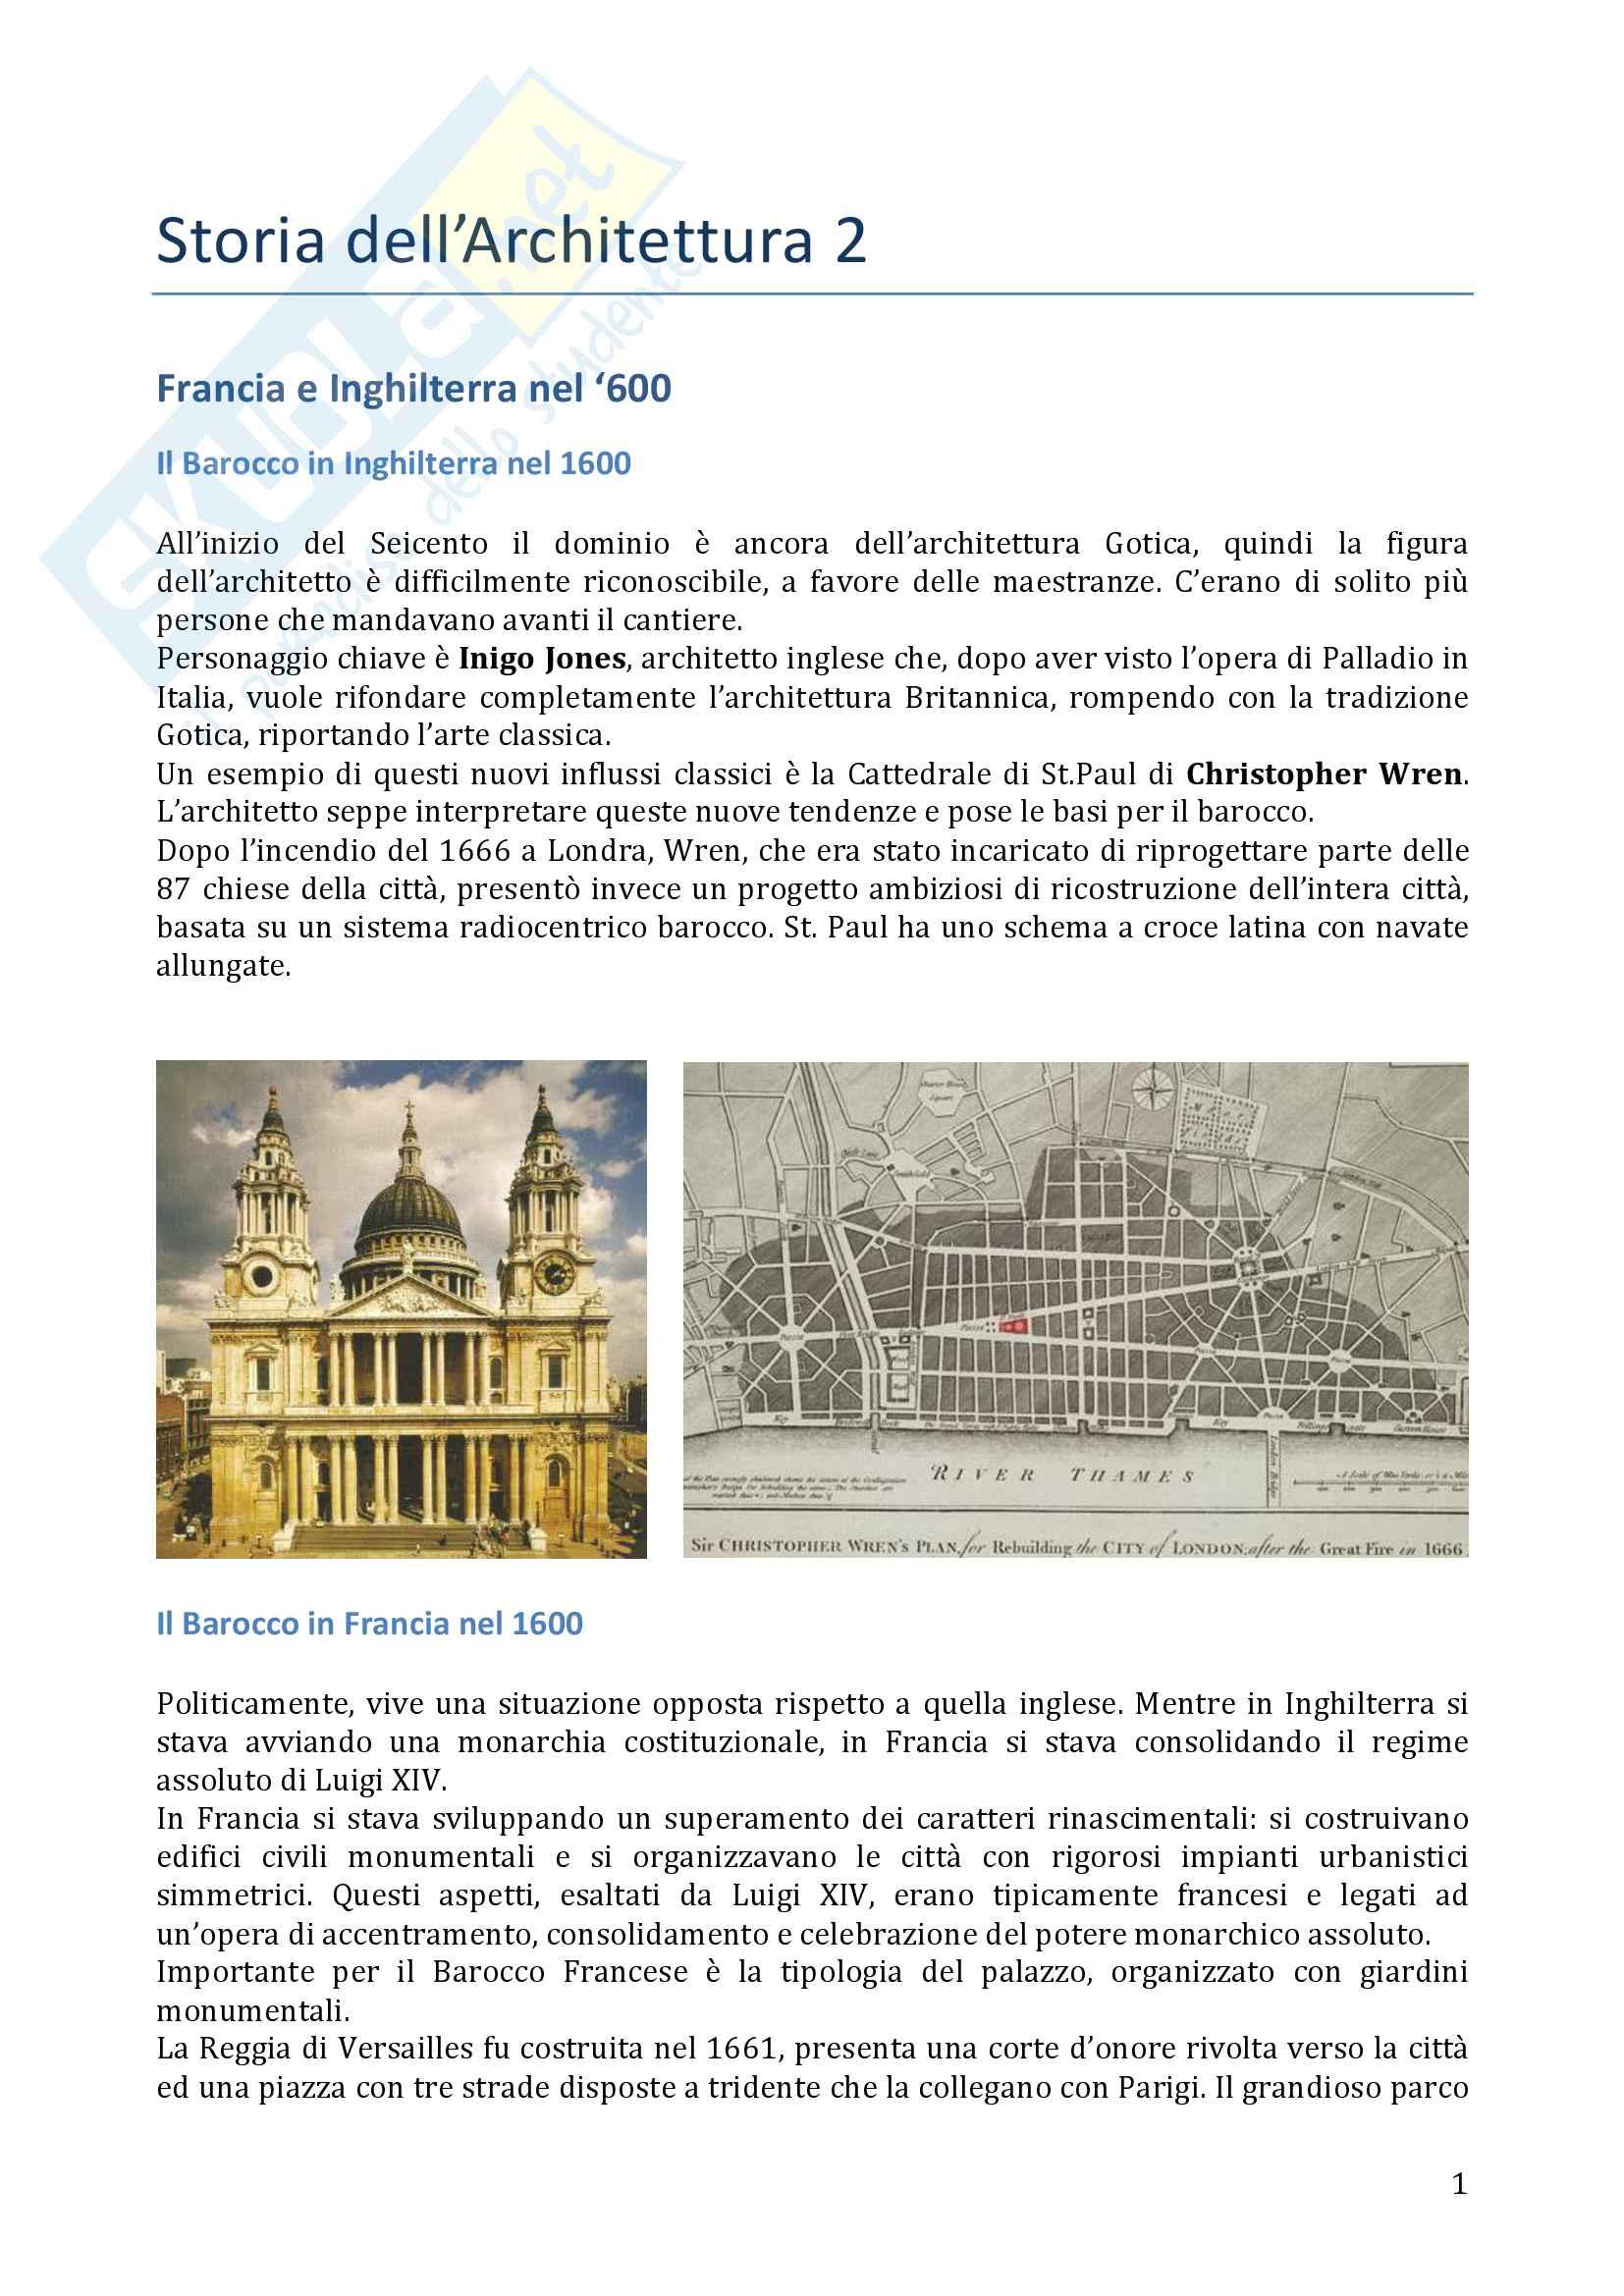 De Magistris, Esame di Storia dell'Architettura 2